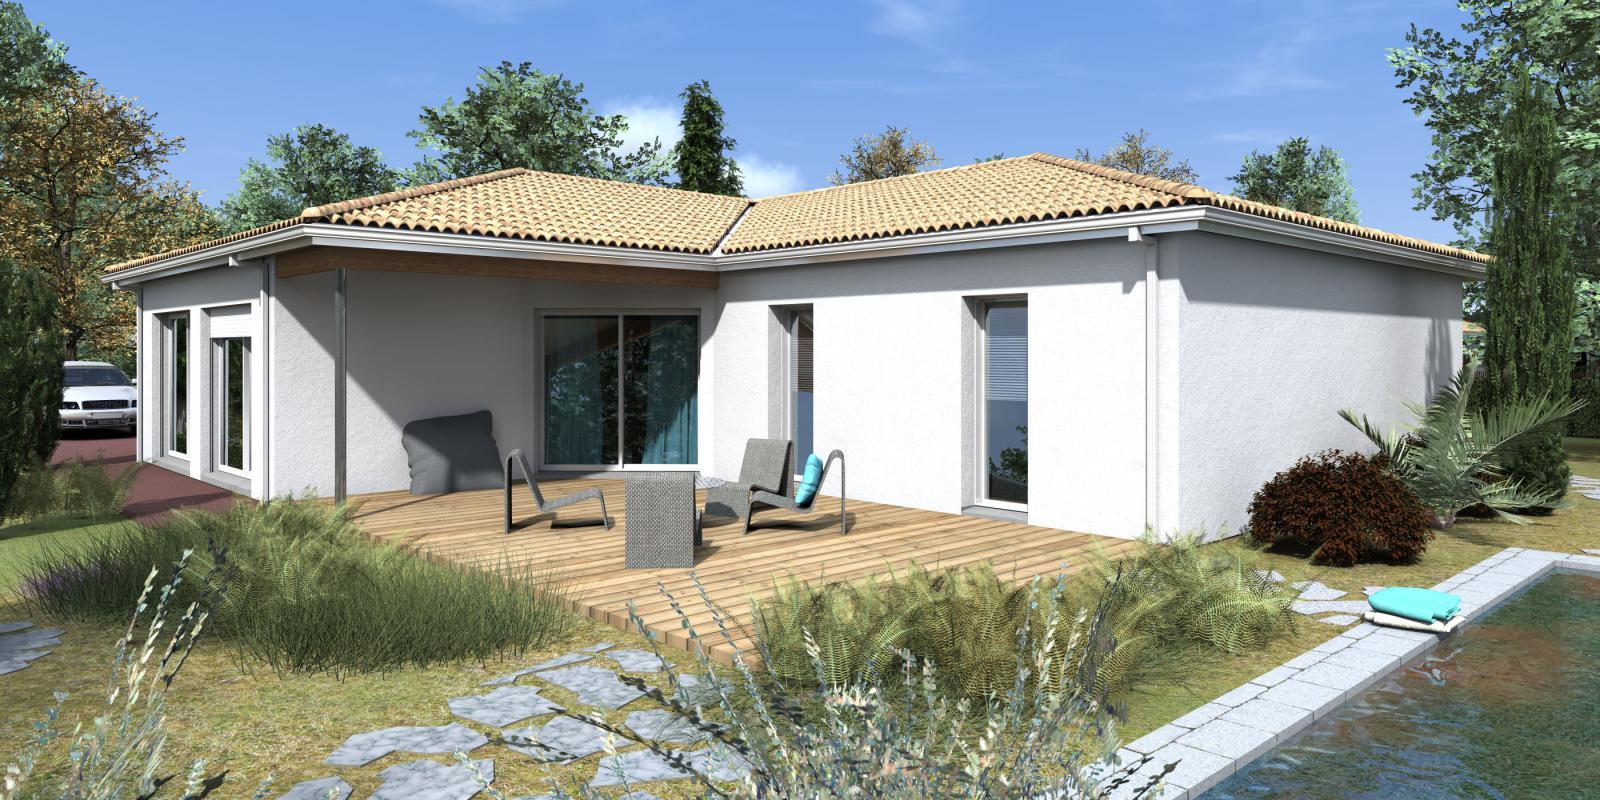 Maisons + Terrains du constructeur GIB CONSTRUCTION • 136 m² • SAINT SELVE